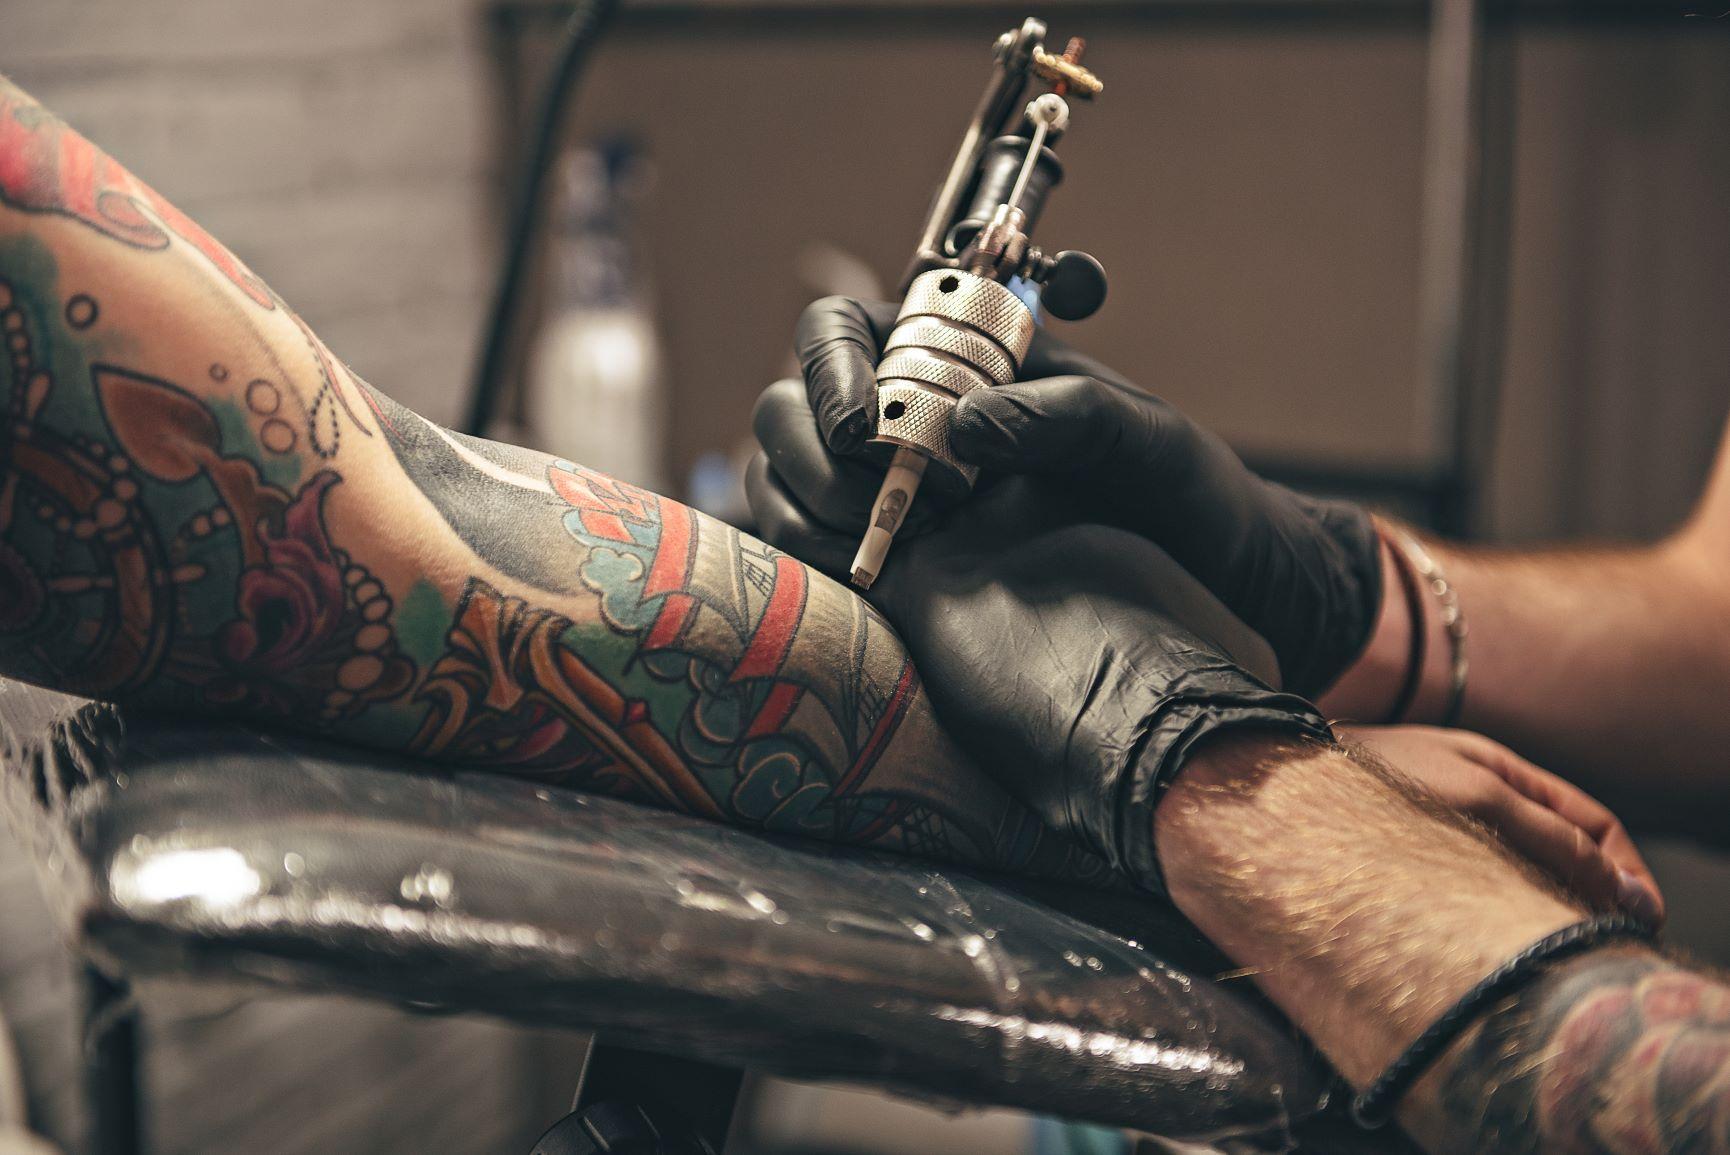 Rzecznik MŚP w obronie salonów tatuażu i piercingu